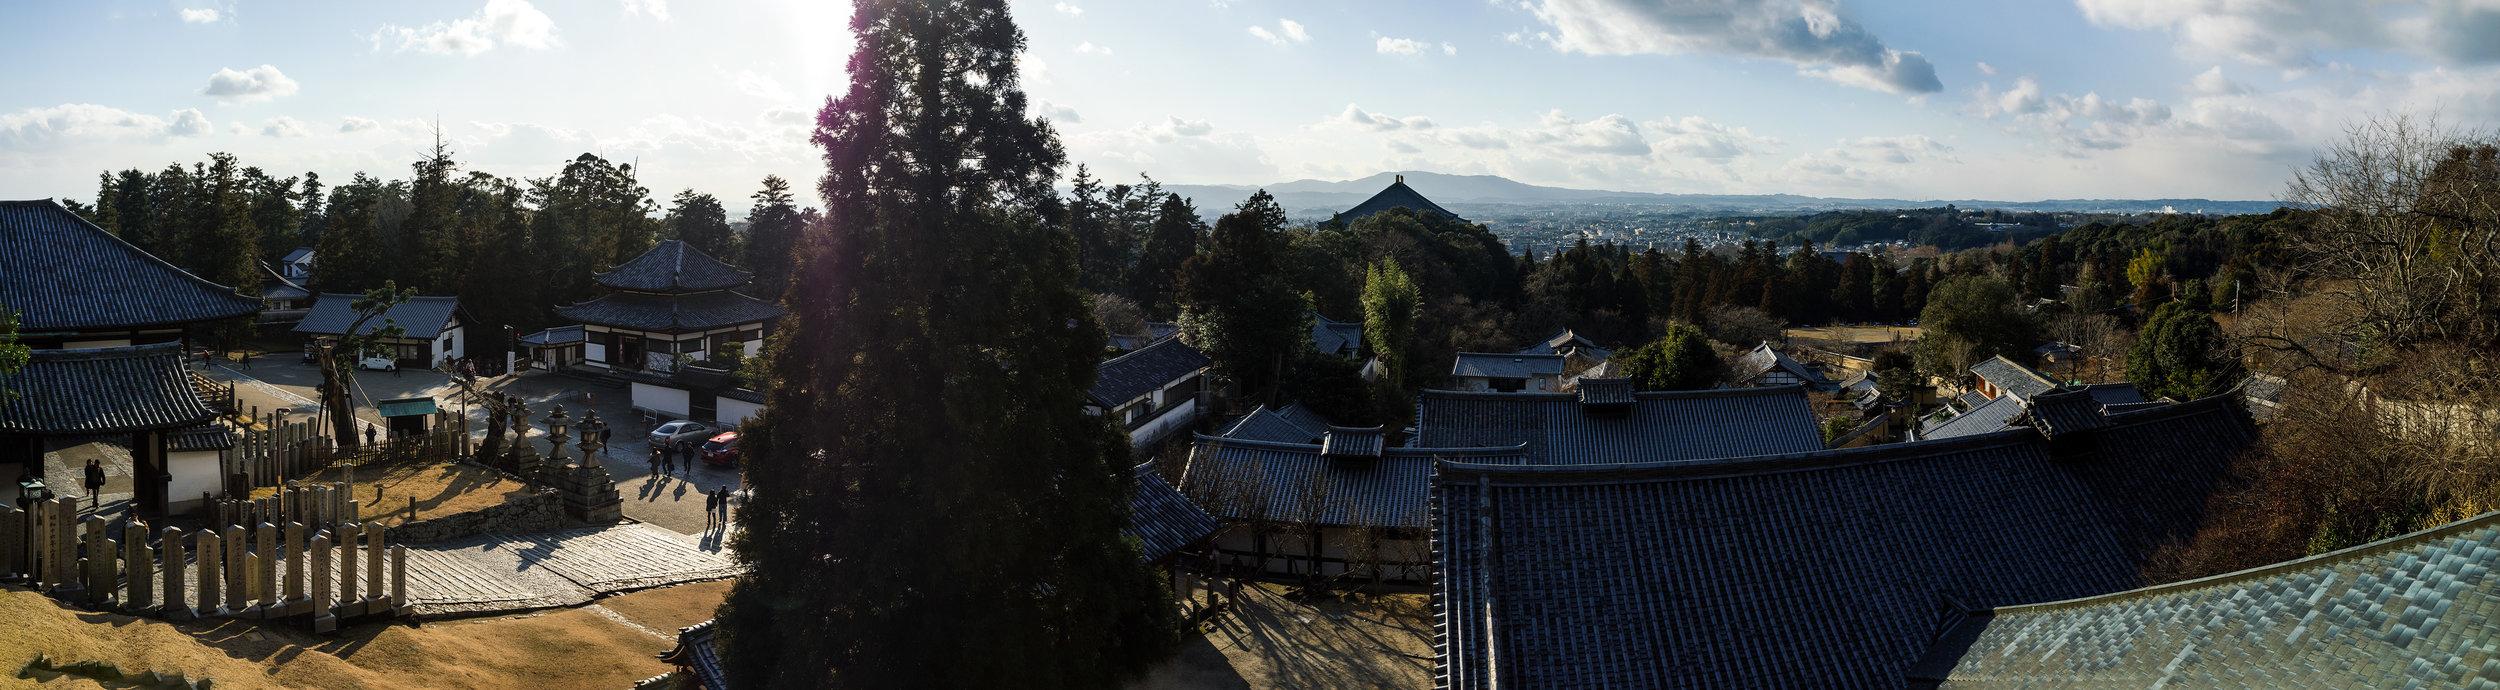 Nara Pano.jpg